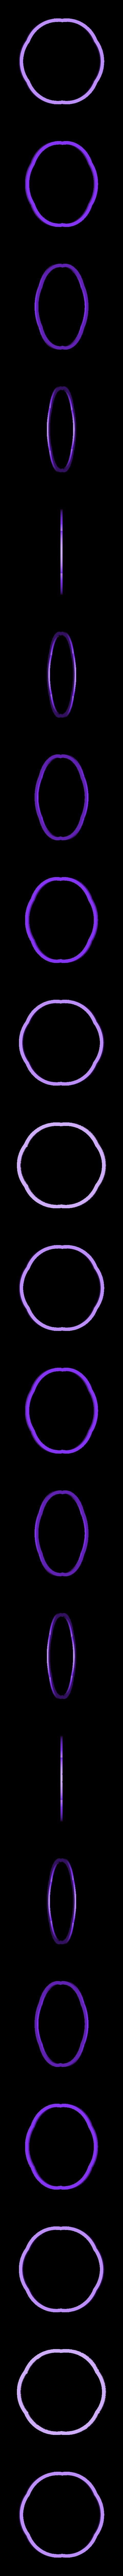 """bowl_8.stl Télécharger fichier STL gratuit Ensemble de cuisine """"Spring"""" • Plan à imprimer en 3D, TanyaAkinora"""